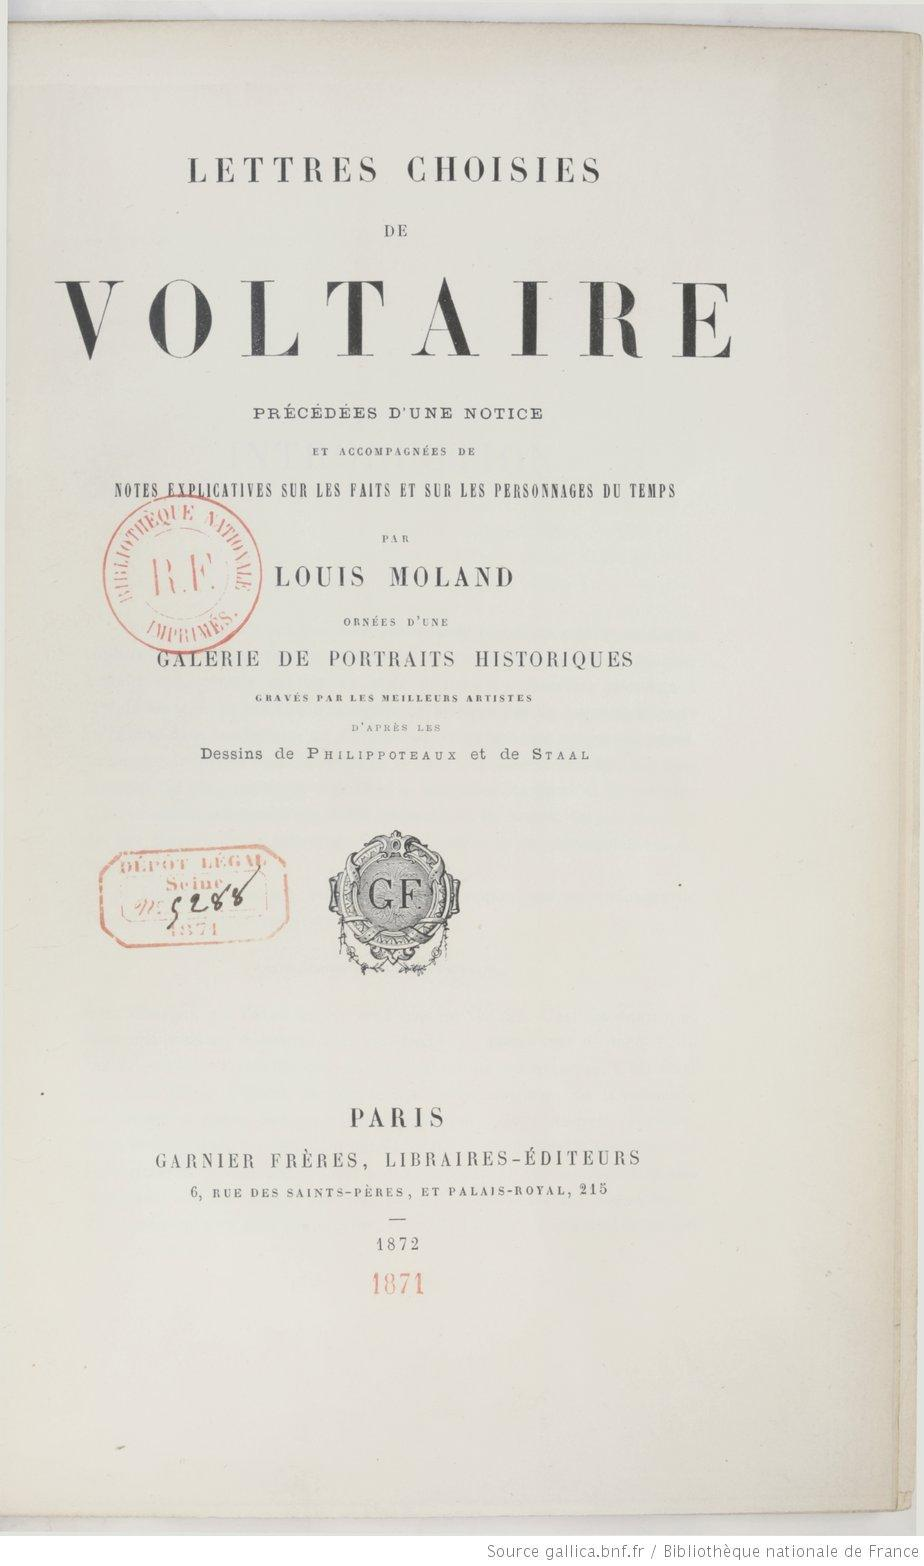 Lettres choisies de Voltaire, Voltaire